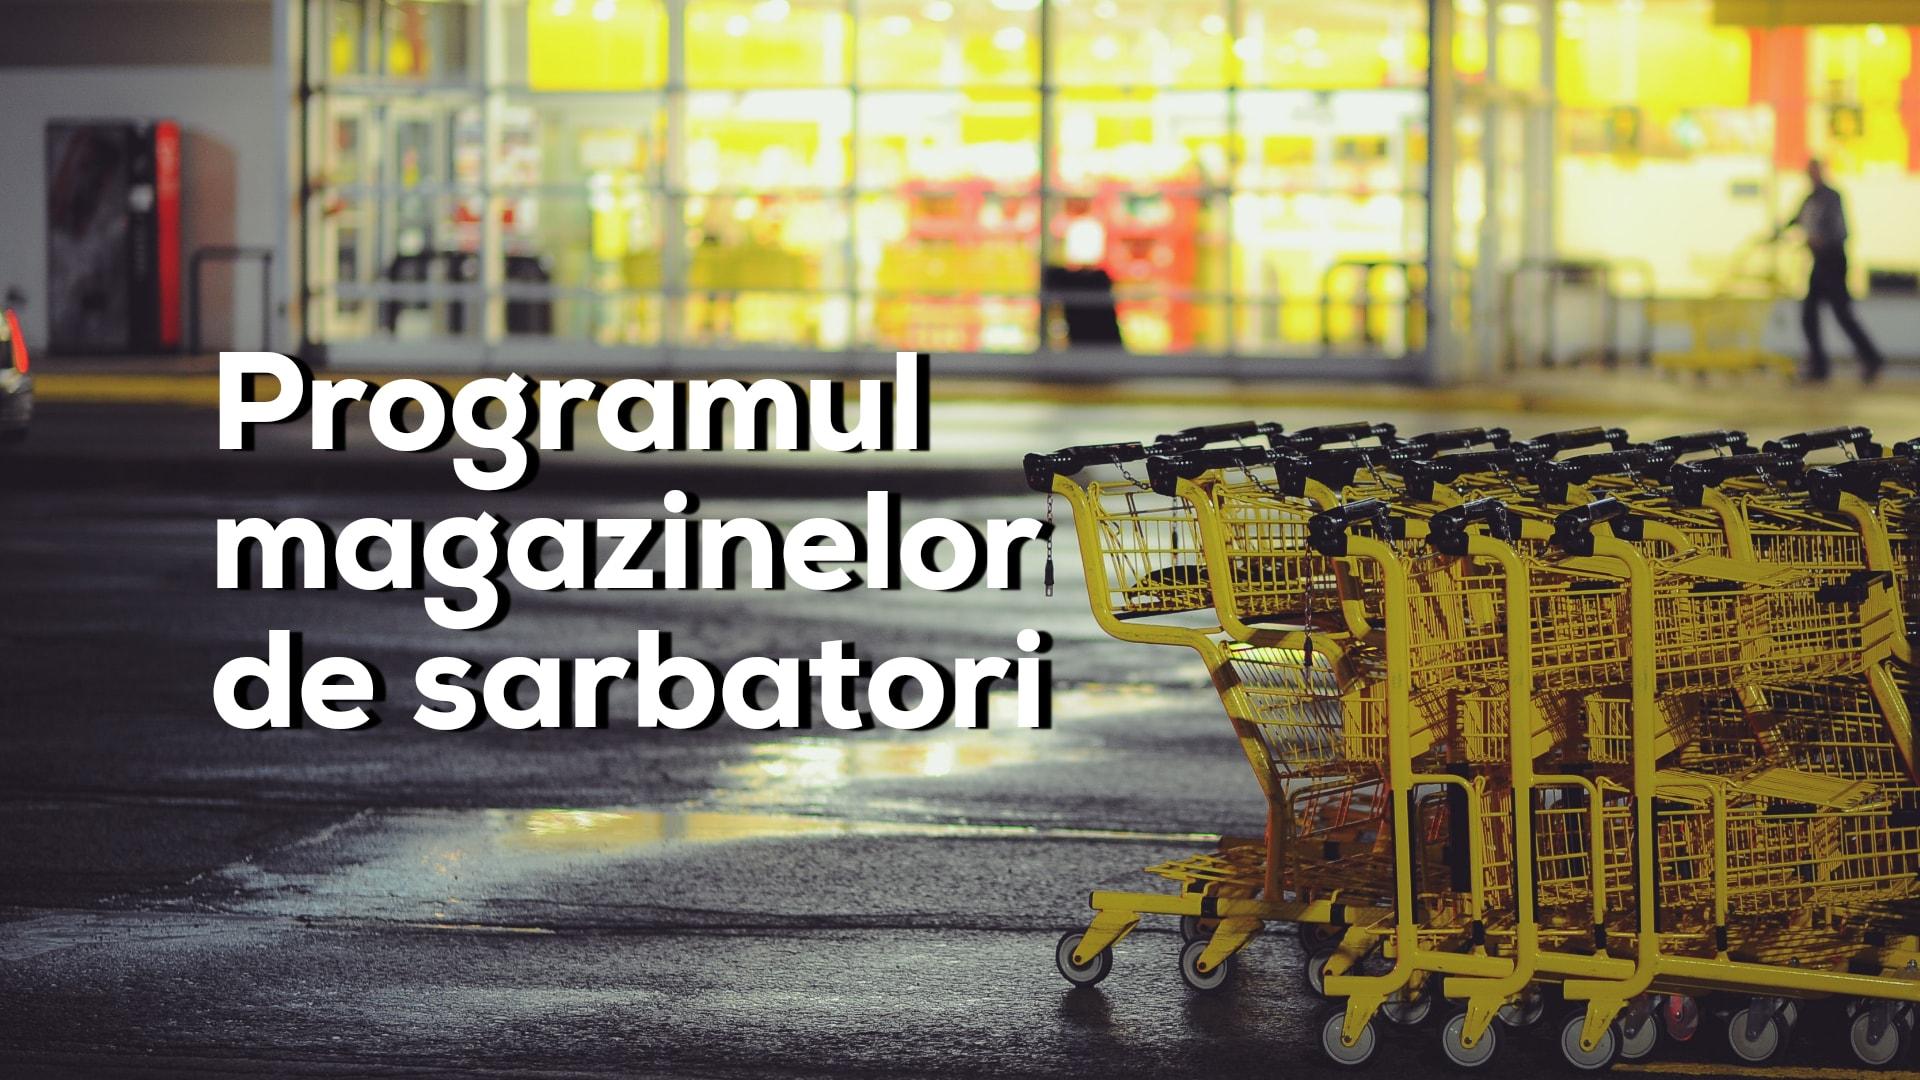 Programul mall-urilor și hypermarket-urilor din Cluj de Crăciun și Revelion